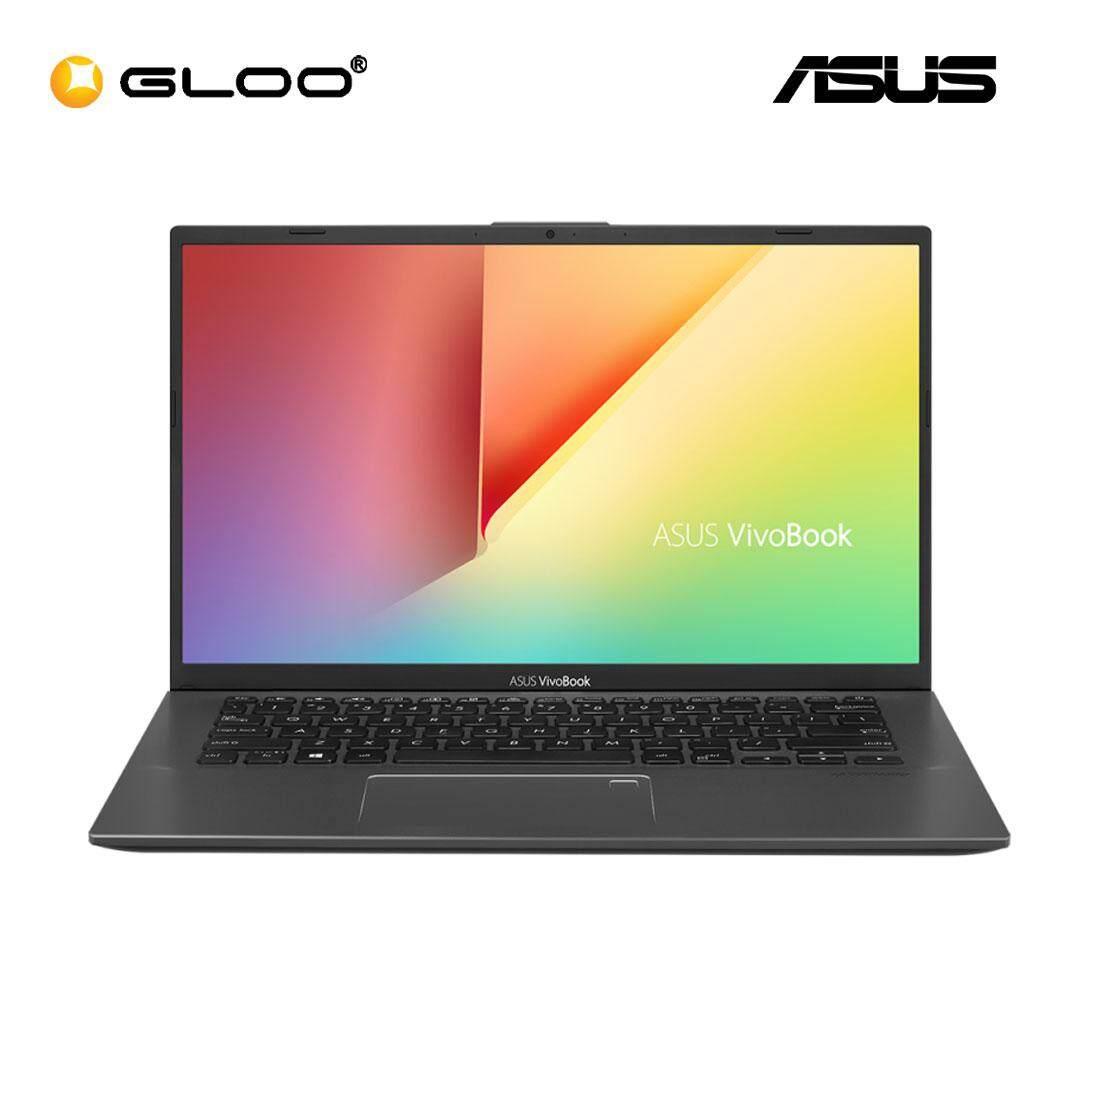 ASUS VivoBook A412D-AEK154T (R5-3500U,4GB,256GB,14,W10,GRY) Malaysia